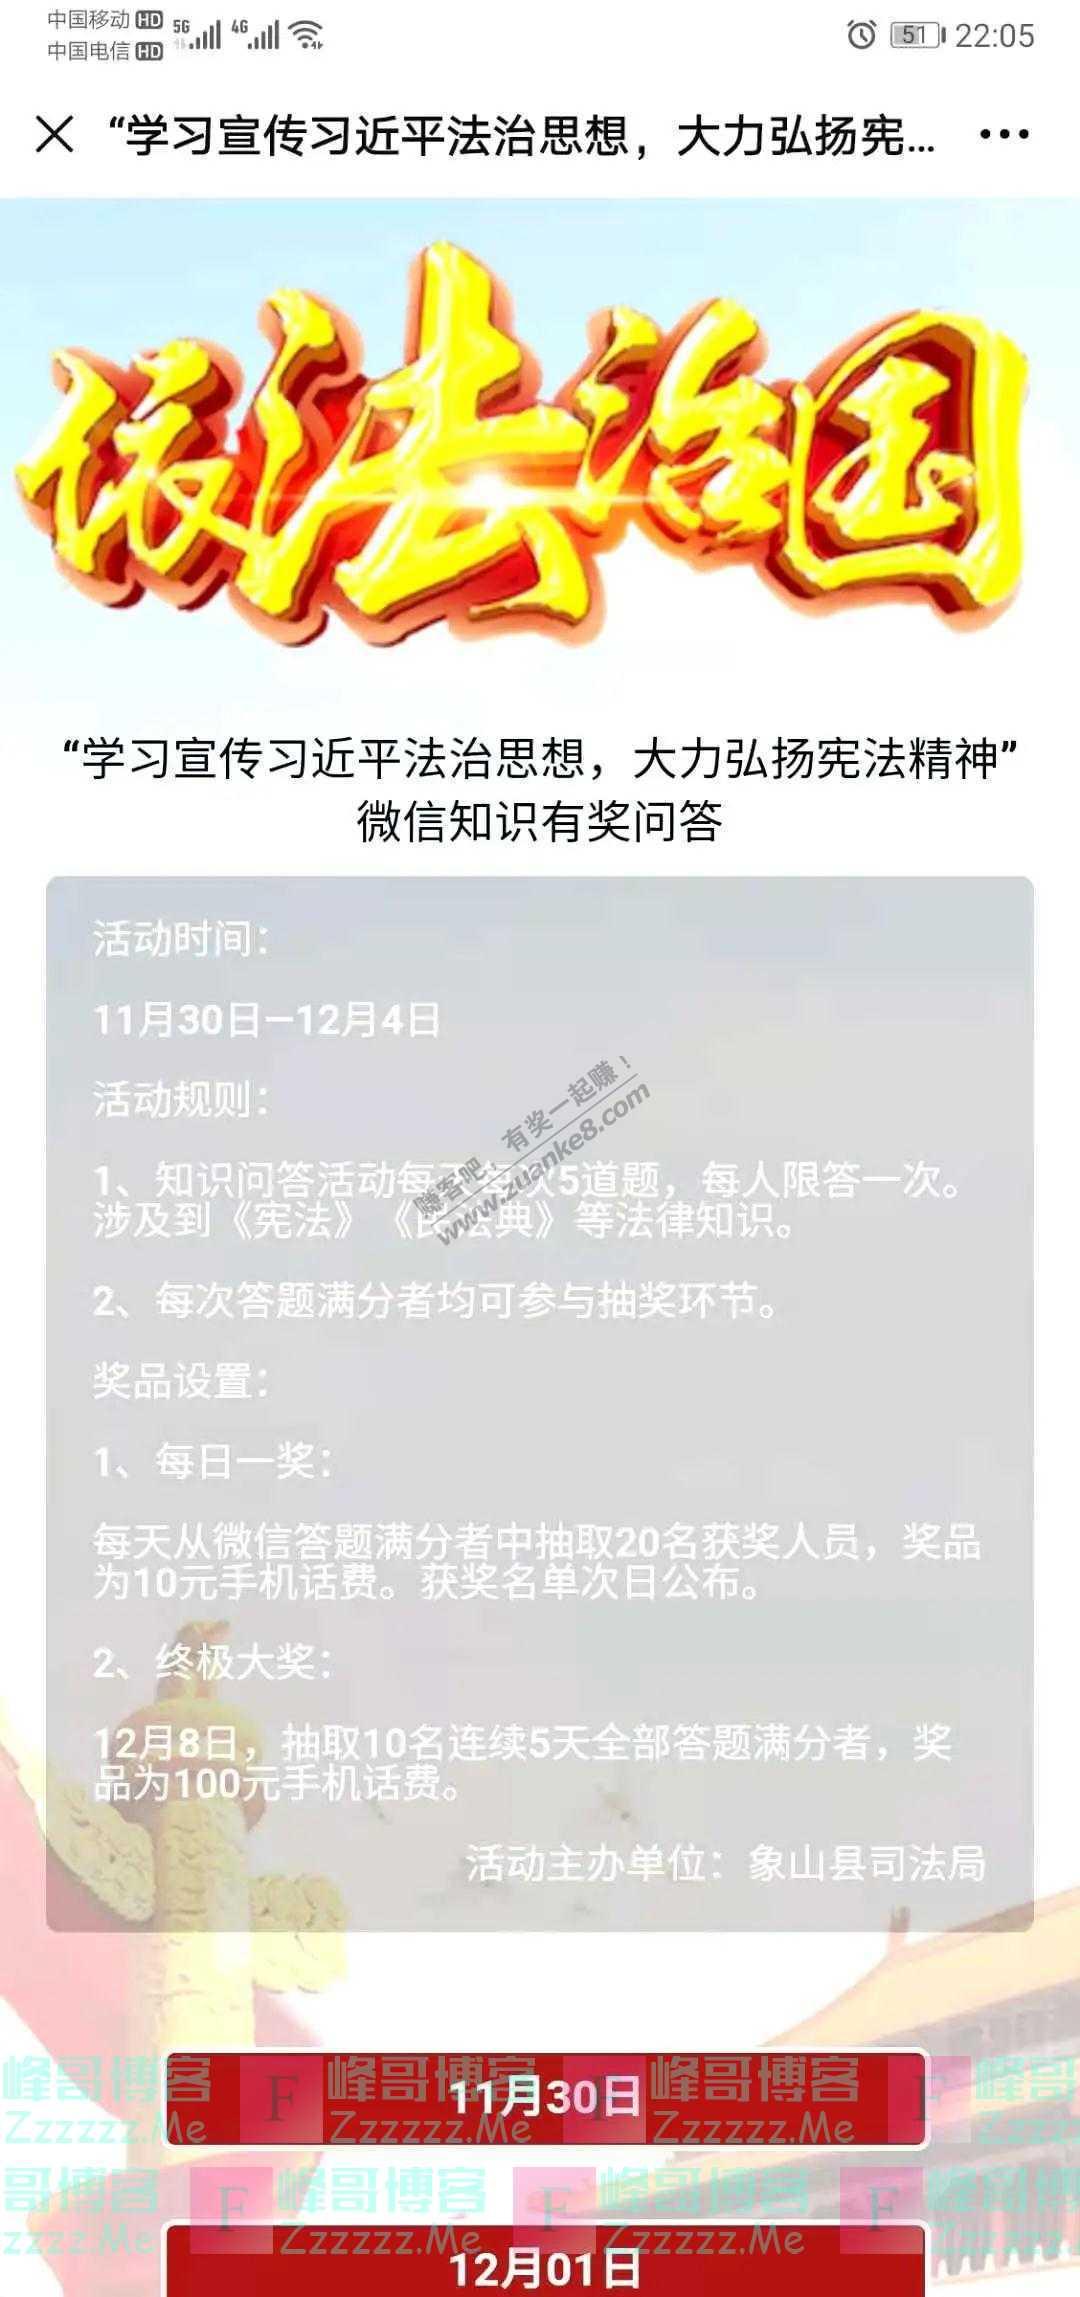 """象山司法""""典""""亮生活""""宪""""在行动(截止12月4日)"""